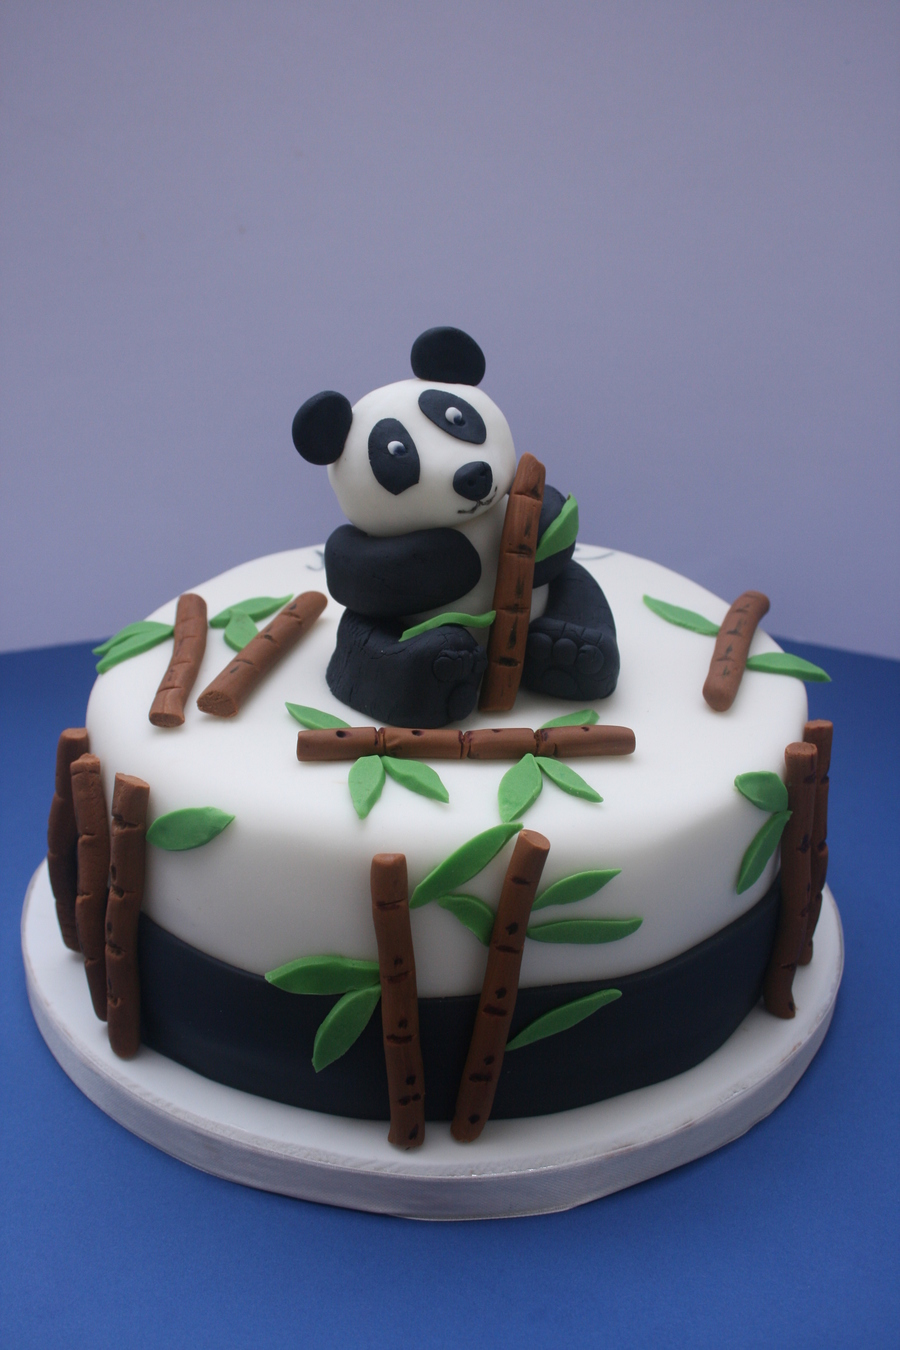 Panda Cake Cakecentral Com